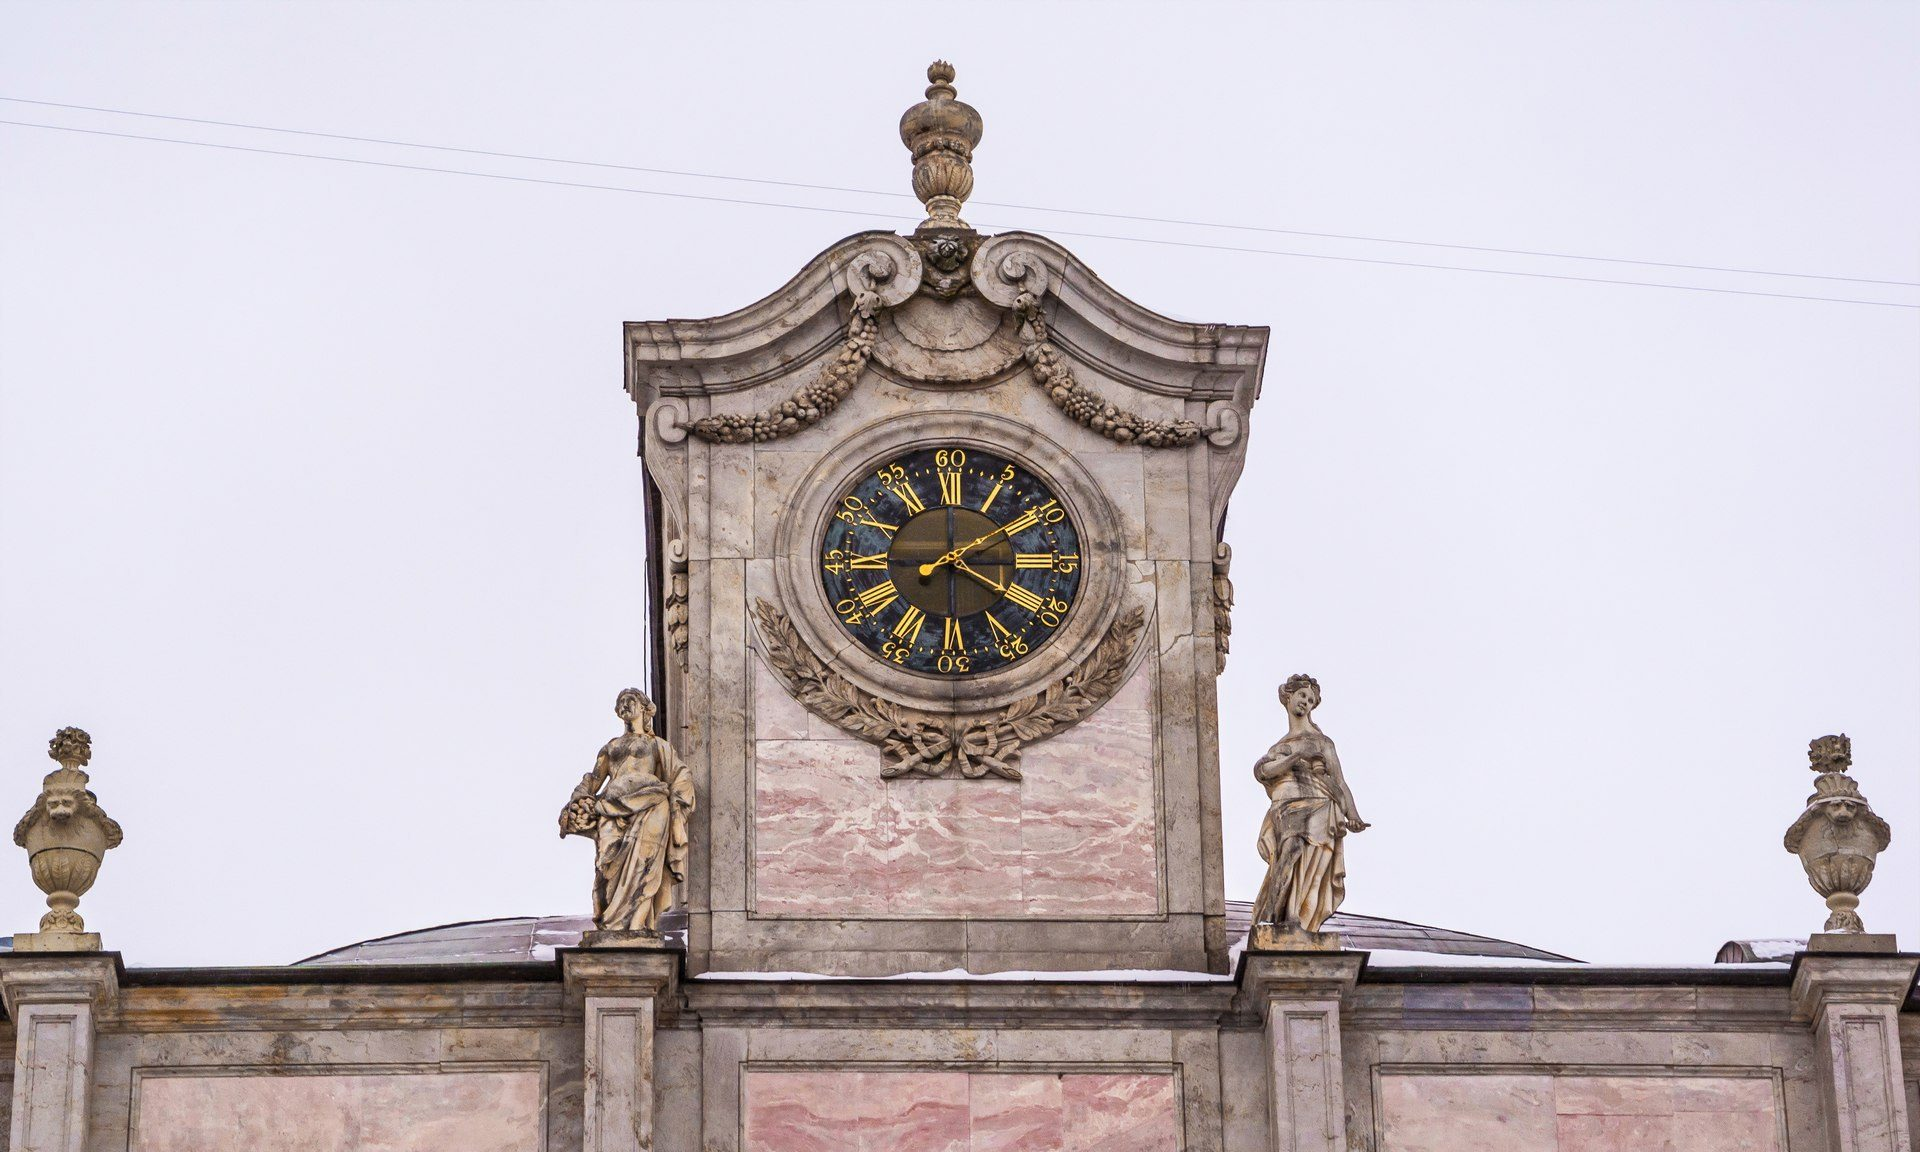 Часовой павильон с курантами и две скульптуры Мраморного дворца «Верность» и «Щедрость»